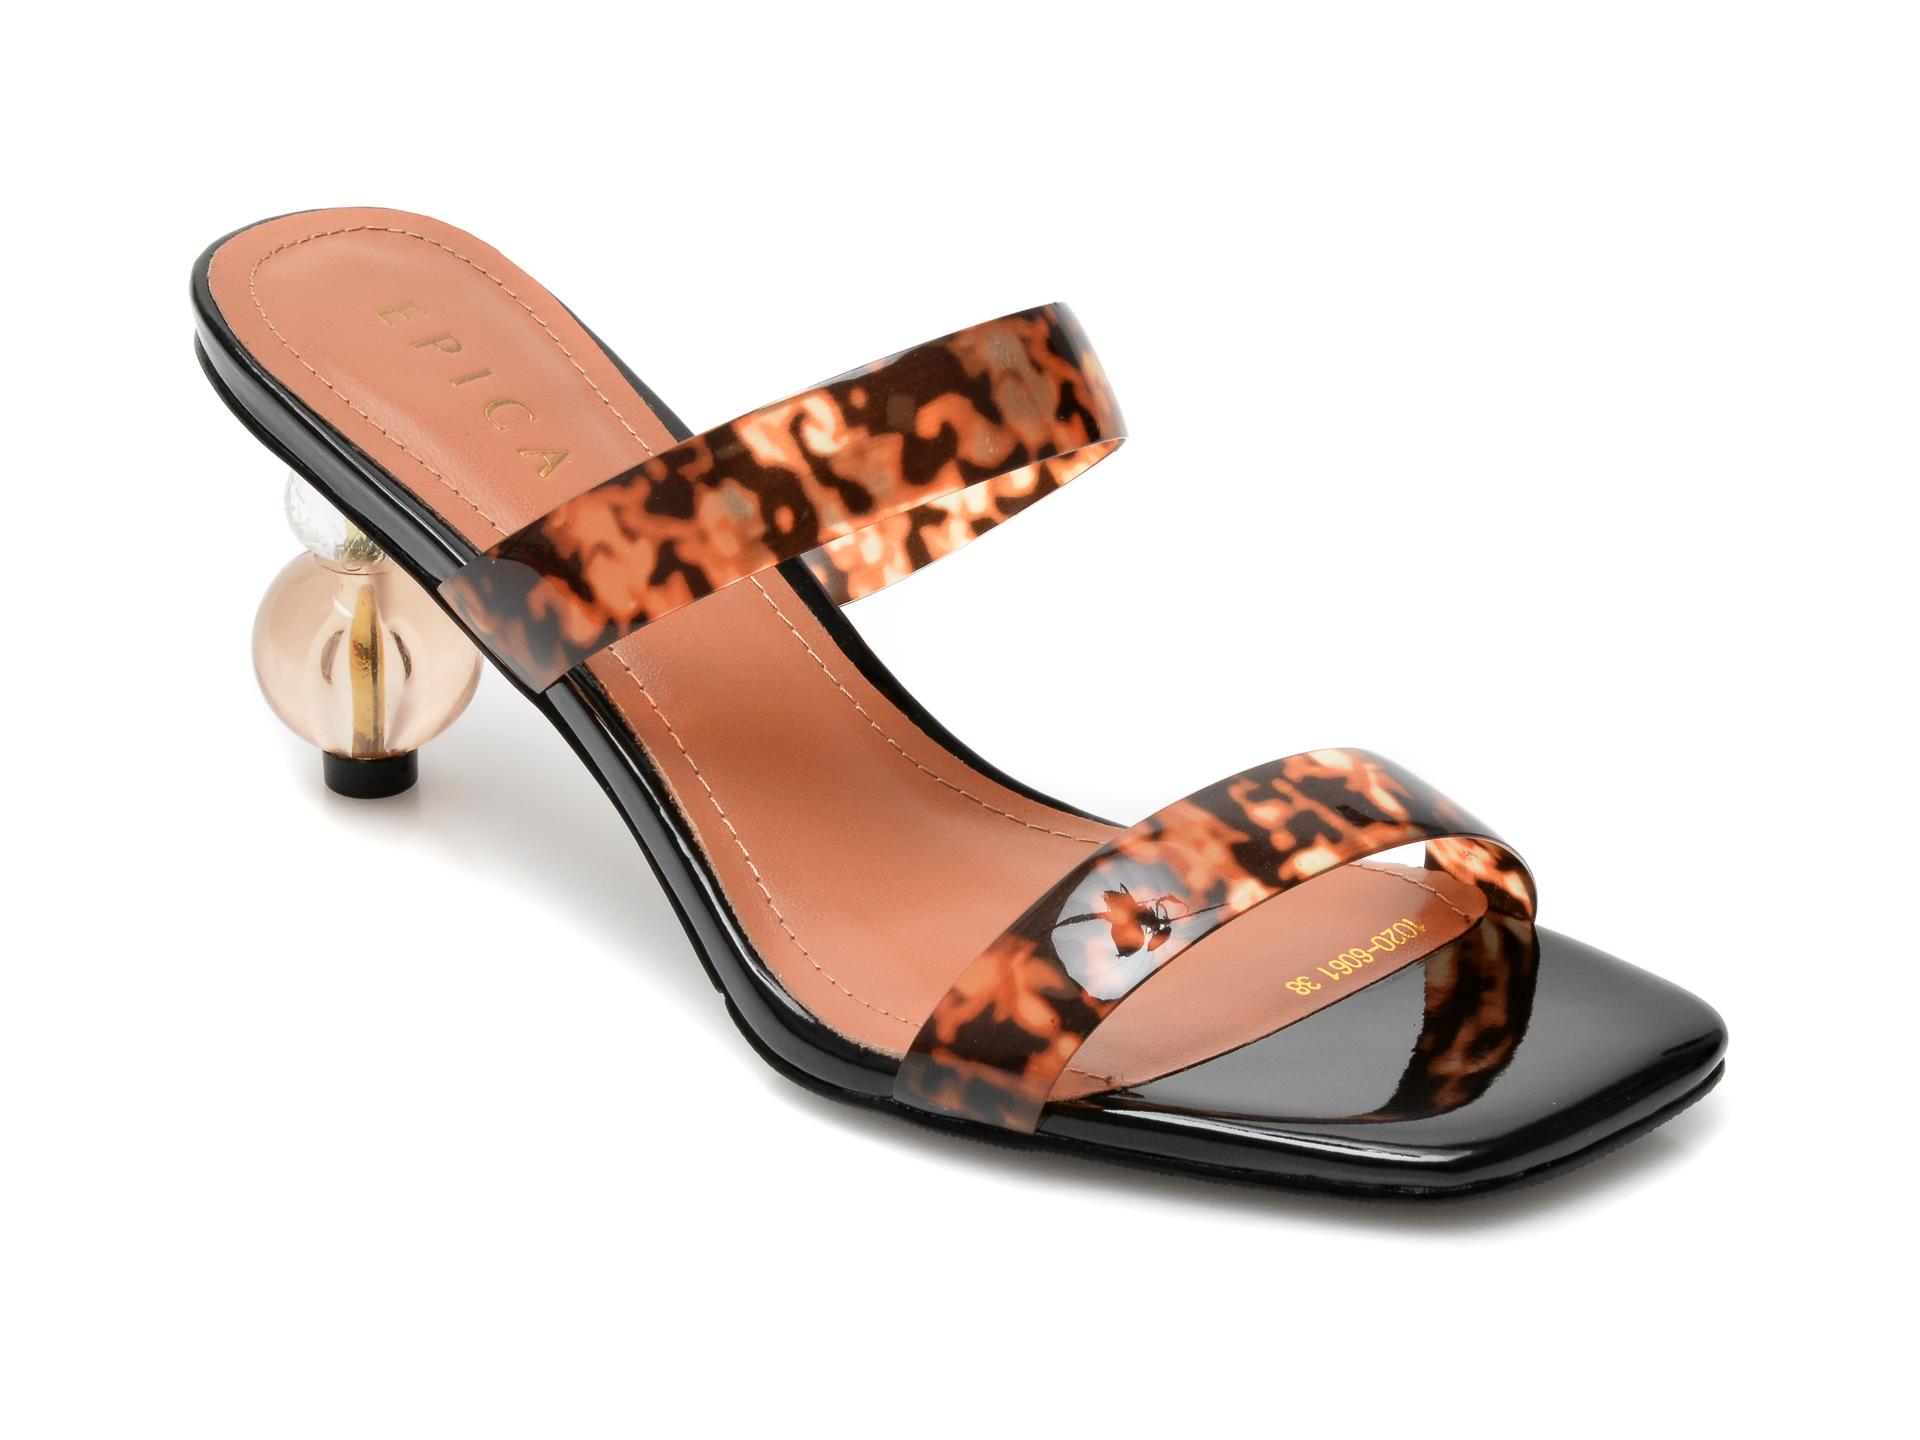 Papuci EPICA maro, 1020606, din pvc imagine otter.ro 2021